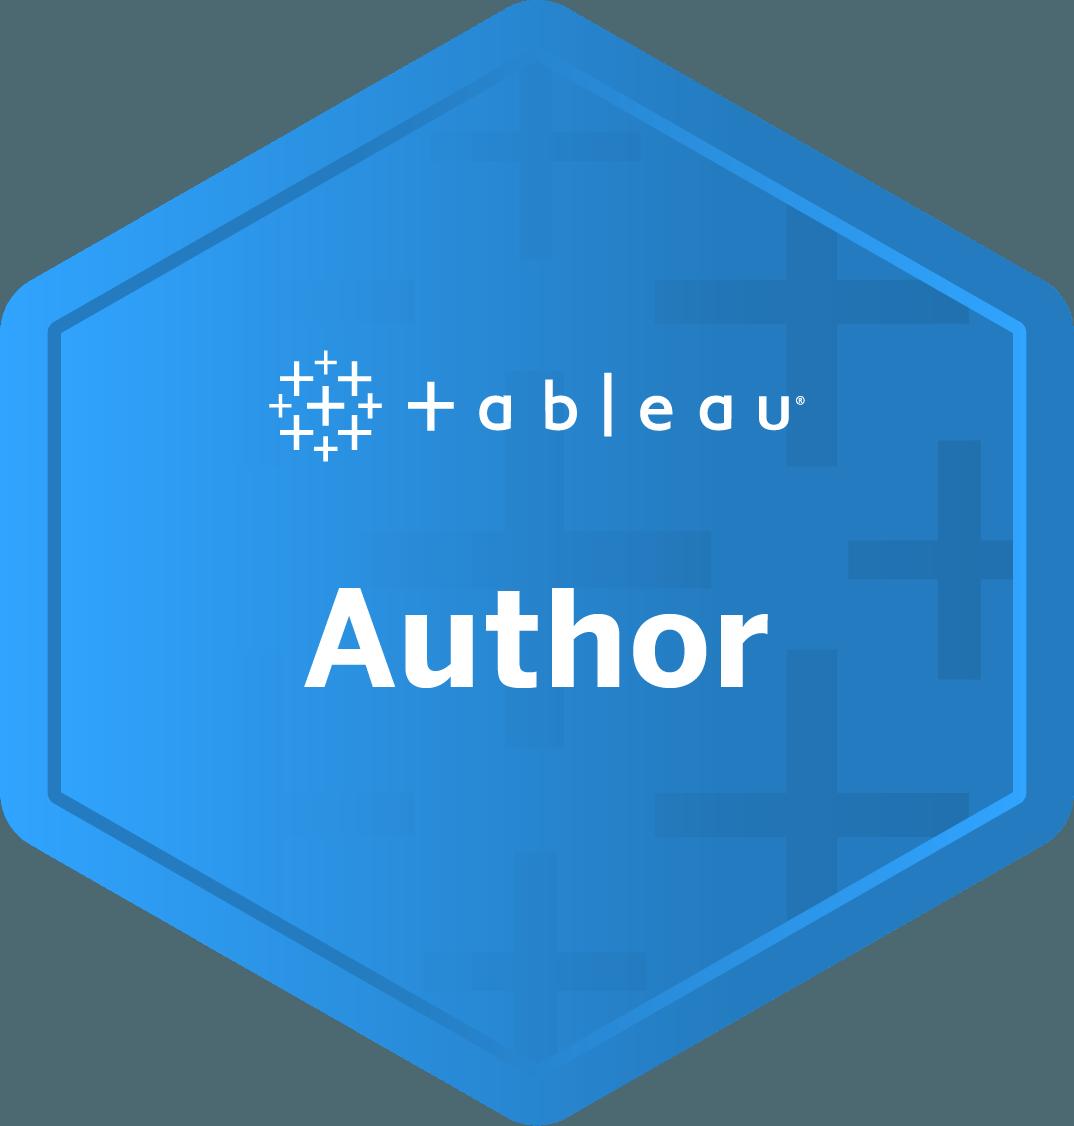 Author badge